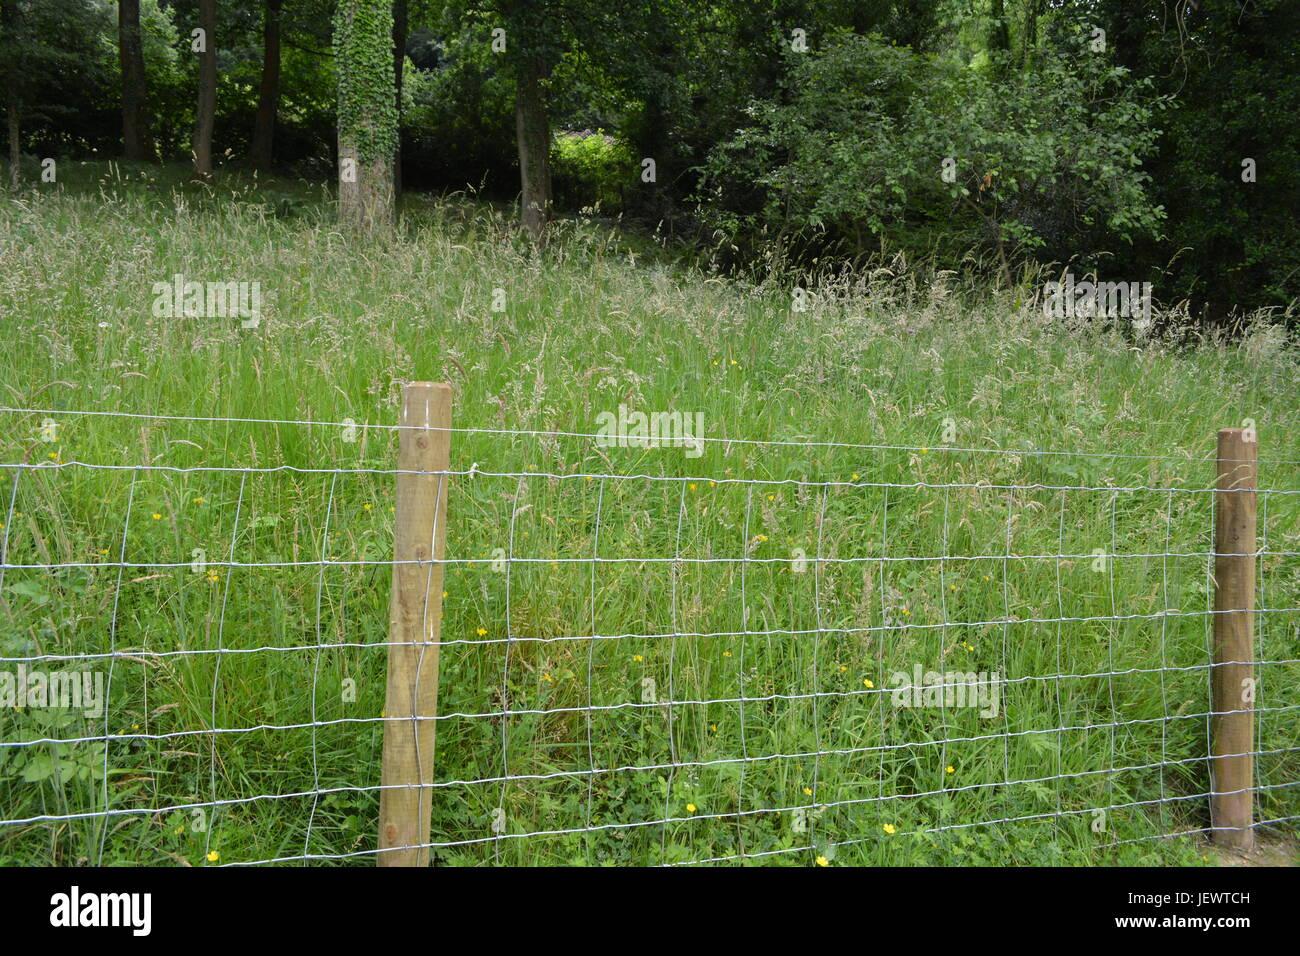 Drahtgitter garten Lager Zaun mit Holz Holz- beiträge Regalständer mit hohen Wiese Gräser hinter Stockbild